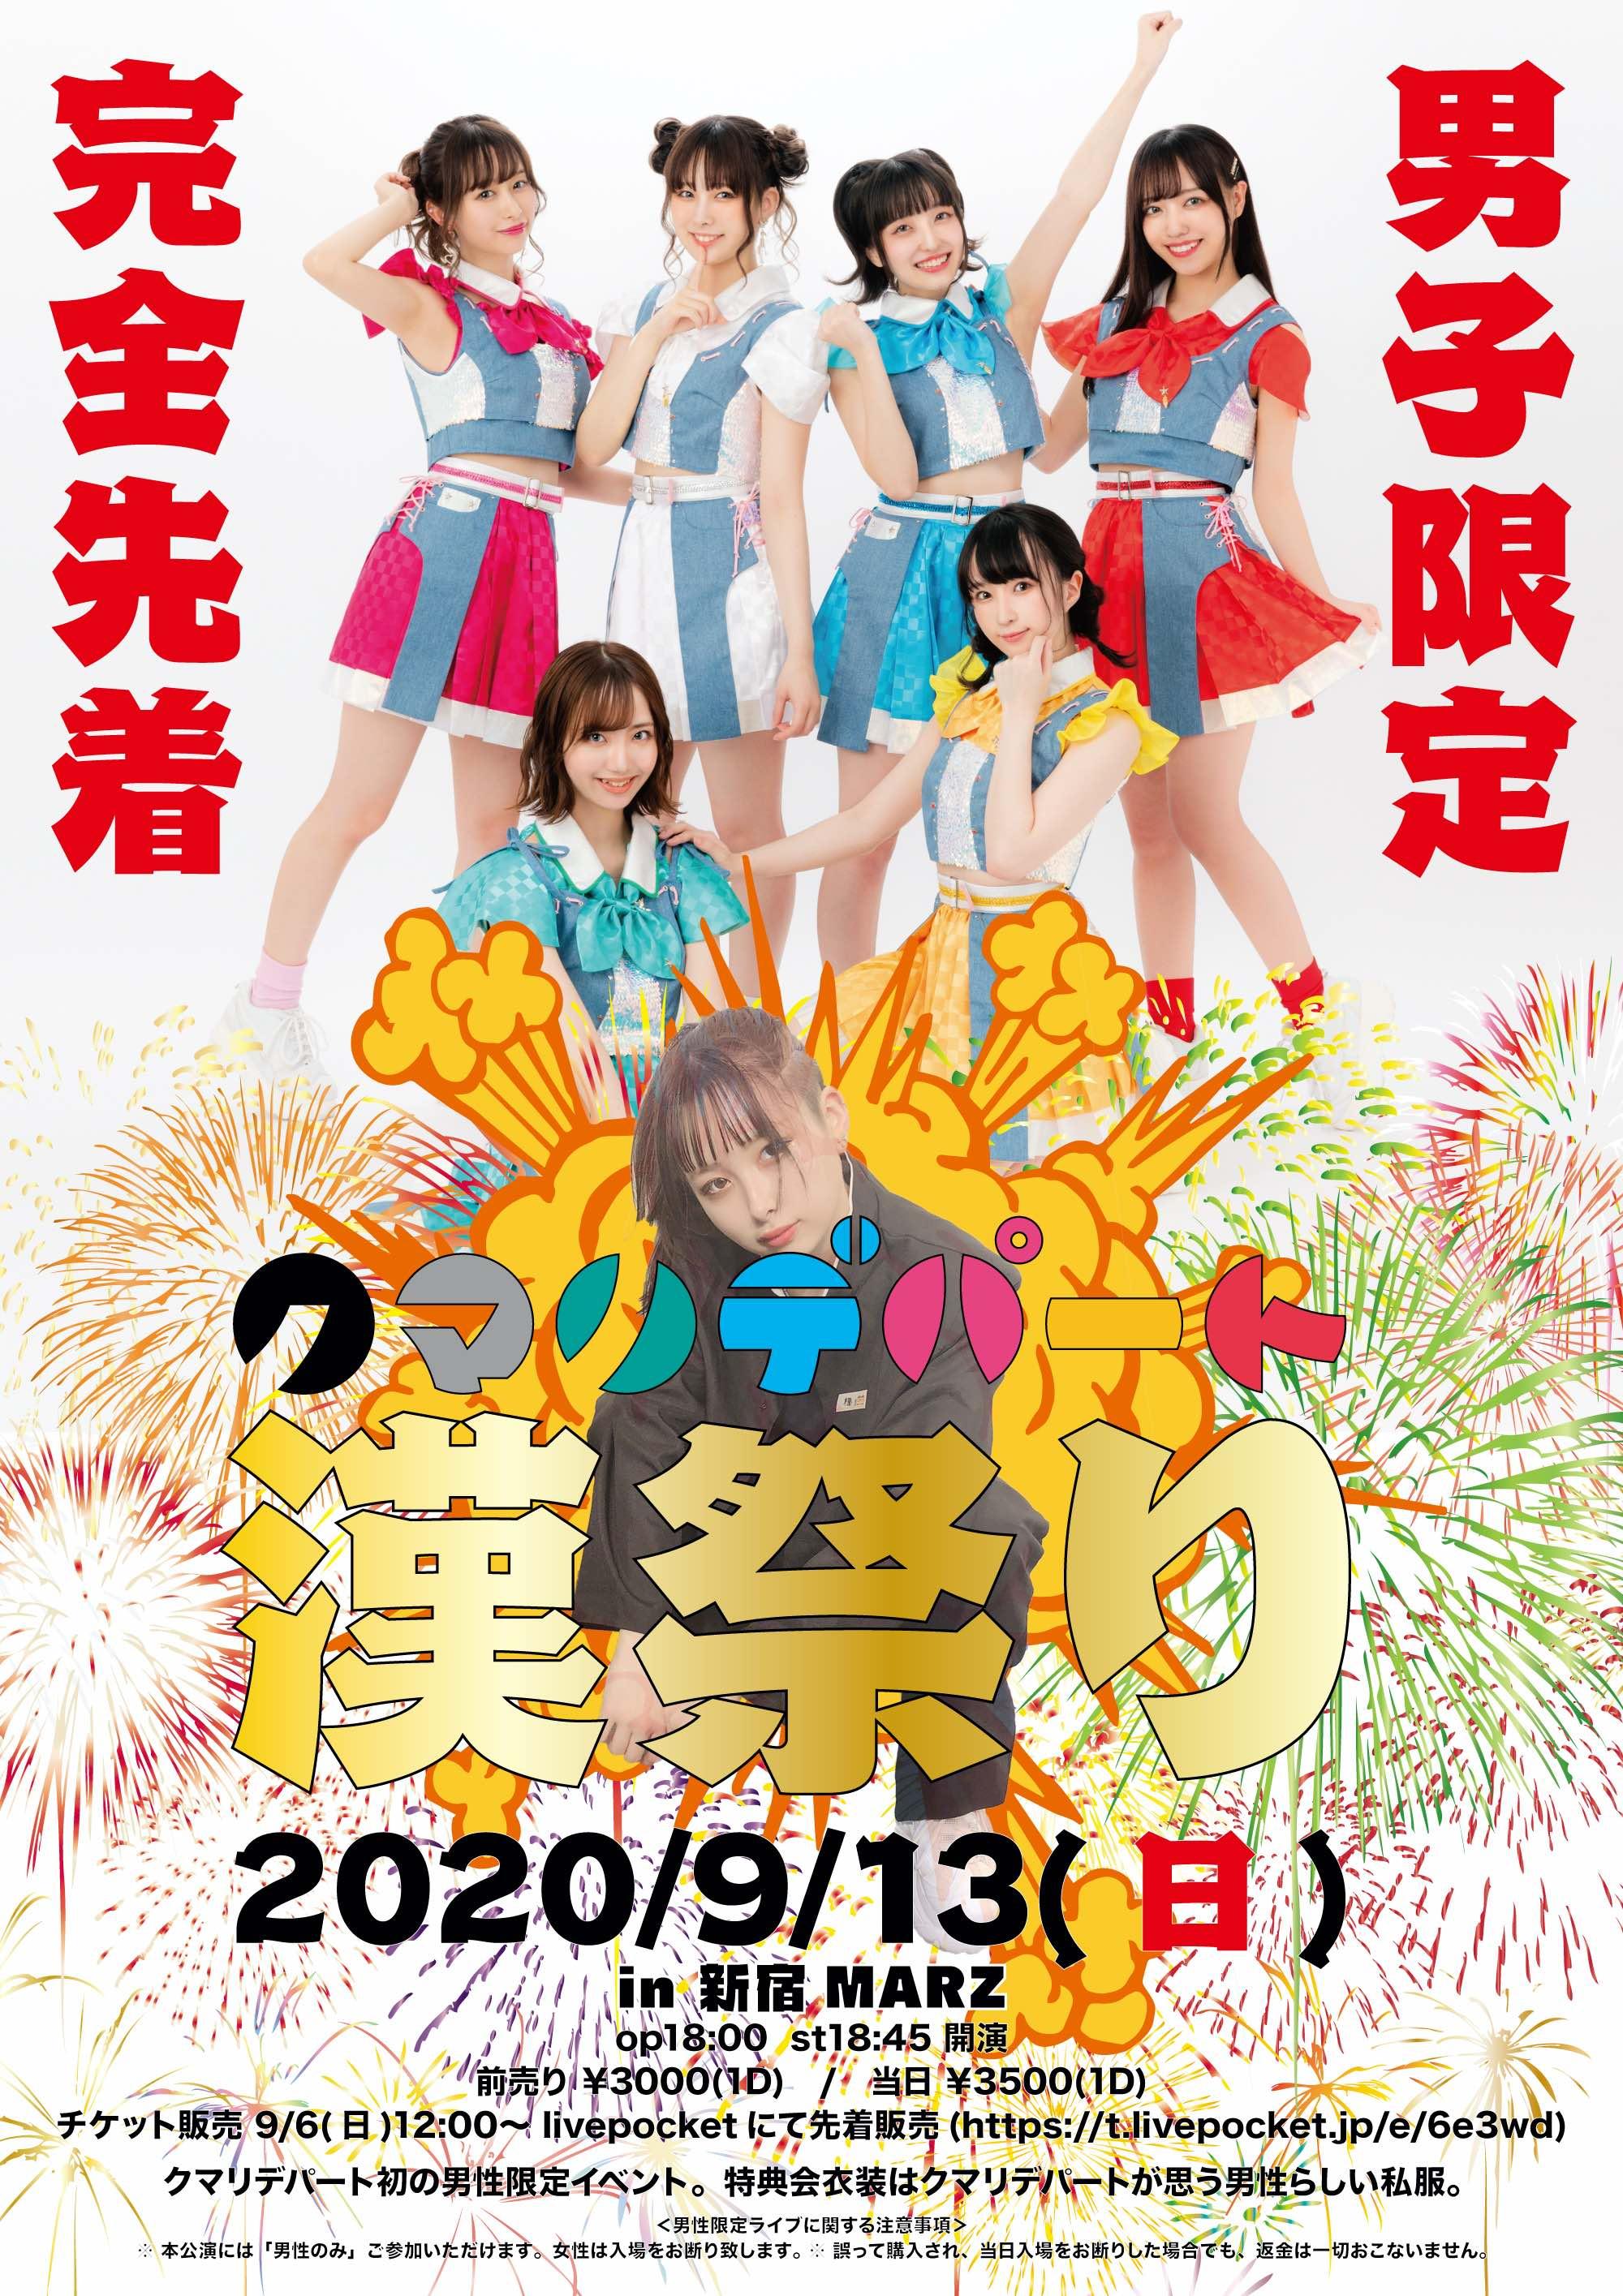 ekoms presents「クマリデパート 漢祭り」